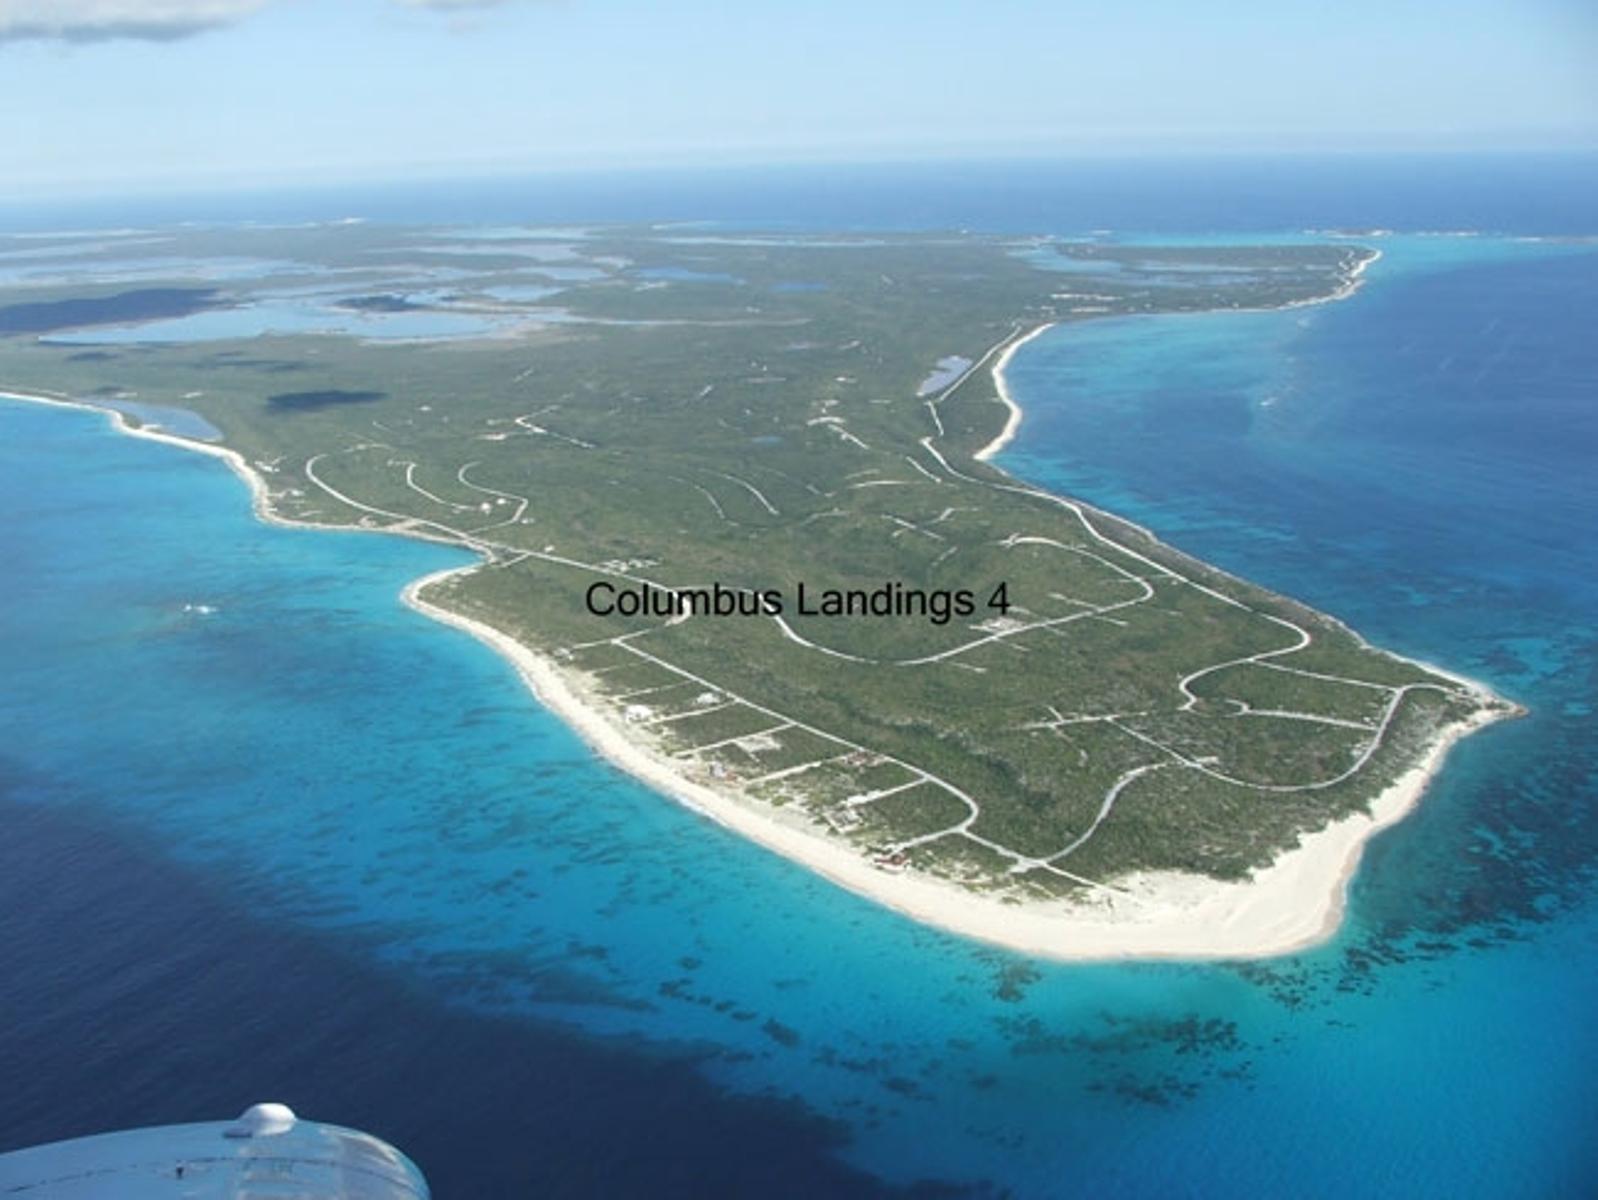 Land for Sale at Columbus Landings #4, San Salvador - MLS 29560 Columbus Landings, San Salvador, Bahamas